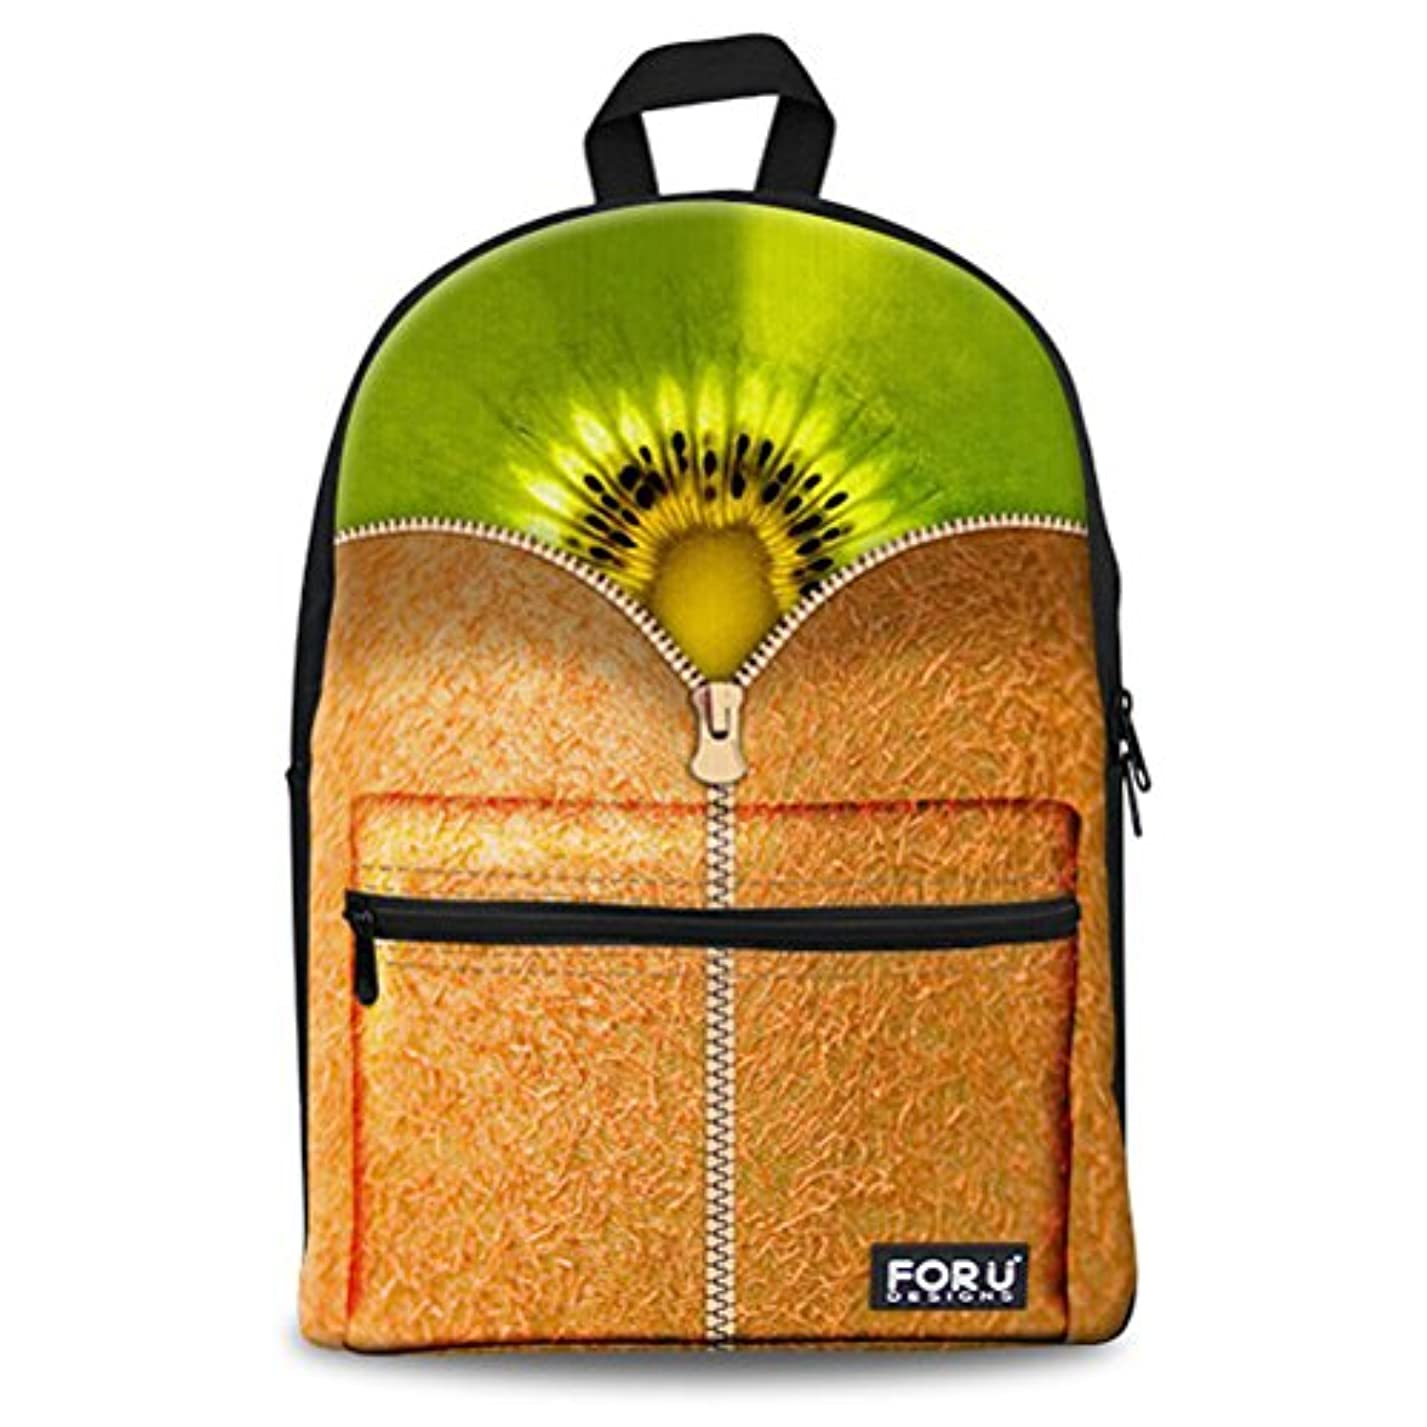 有彩色の黄ばむスプーンFOR U DESIGNS(JP) リュック 通学 通勤 果物柄